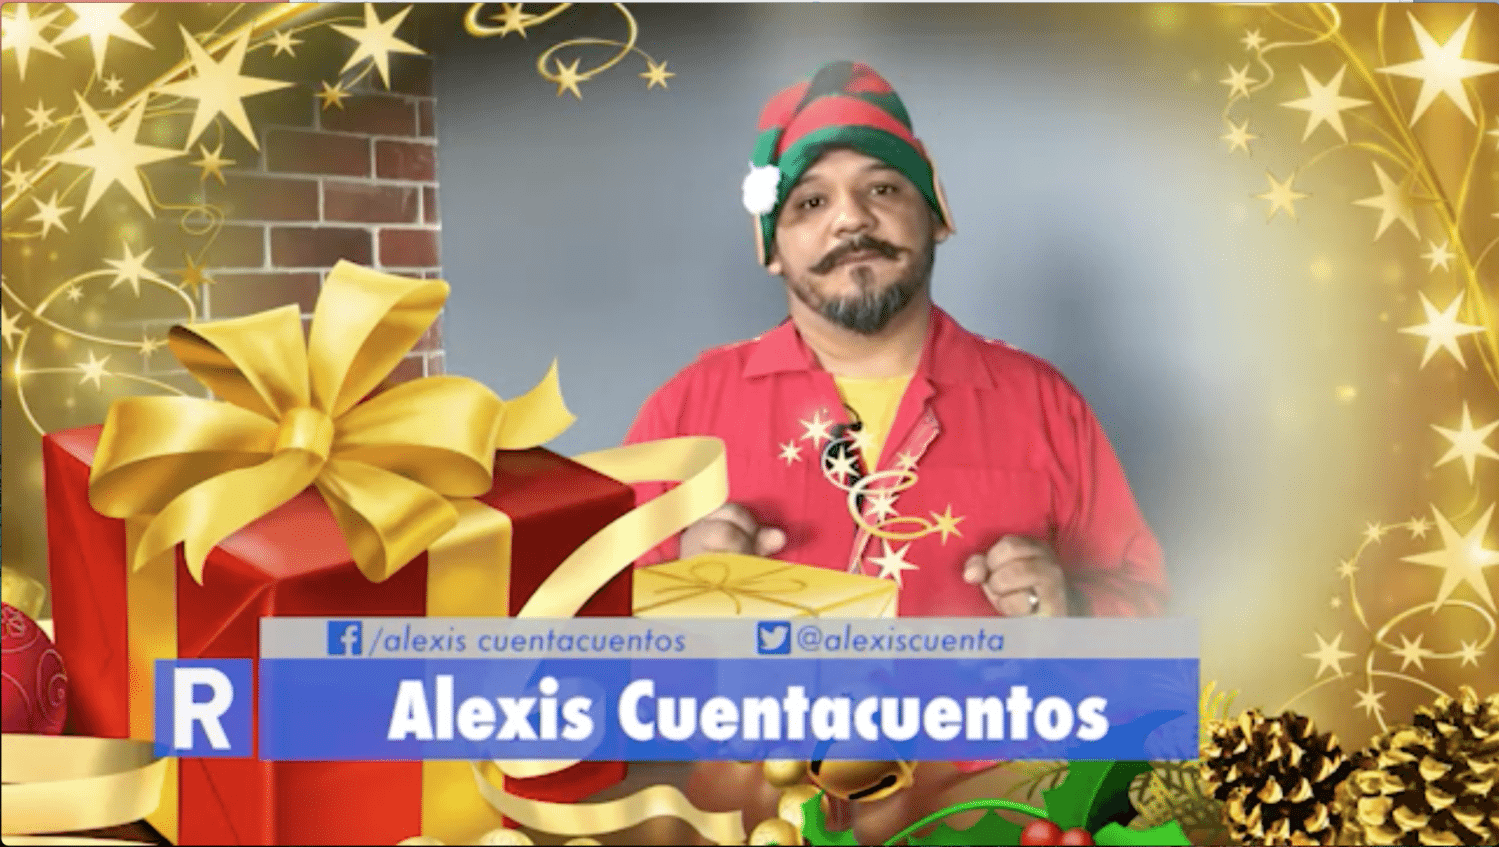 alexis cuenta cuentos-navidad